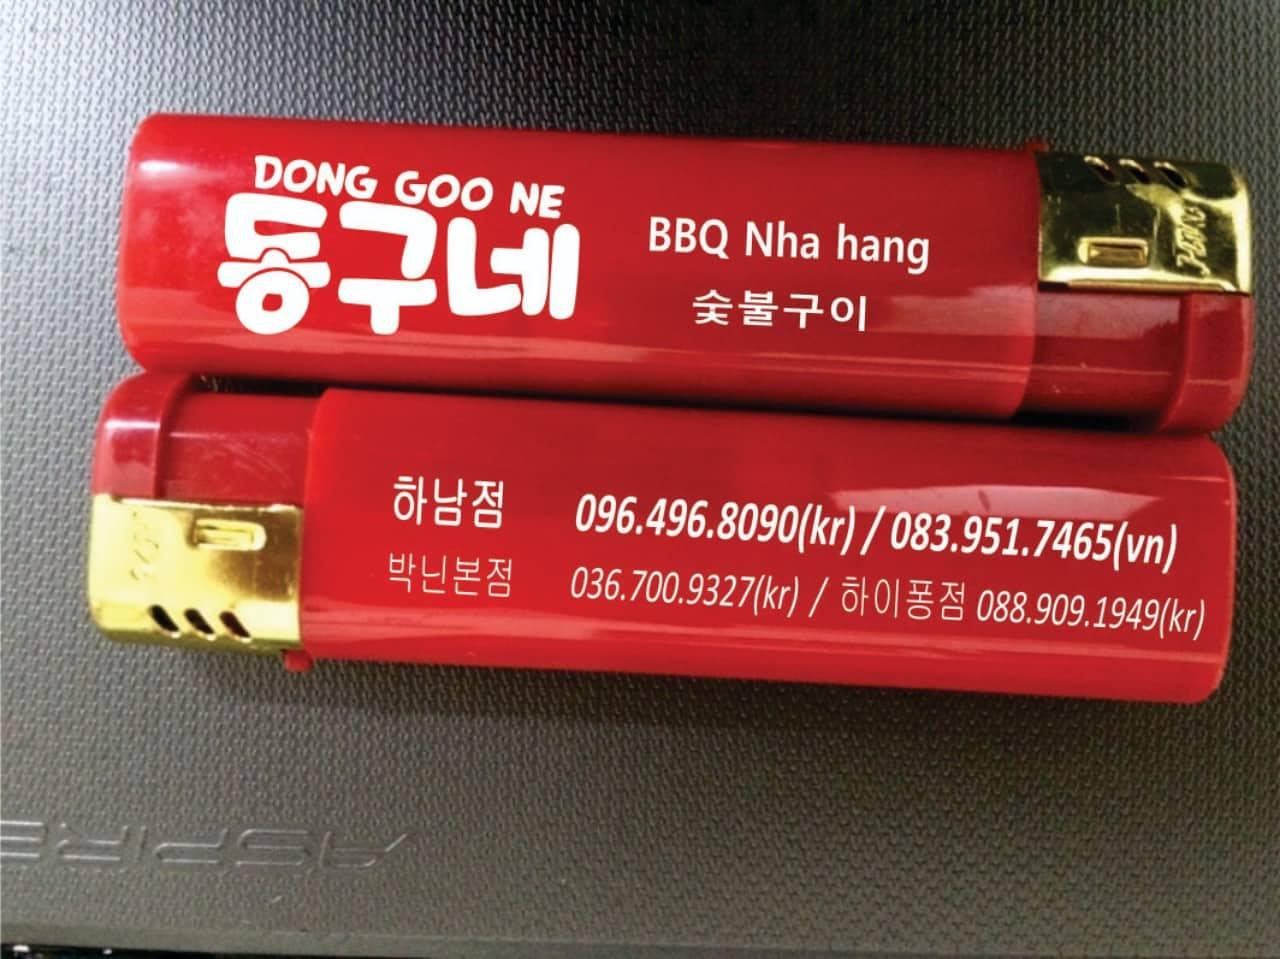 Nhận in logo lên máy lửa tại Hà Nội, in máy lửa quảng cáo